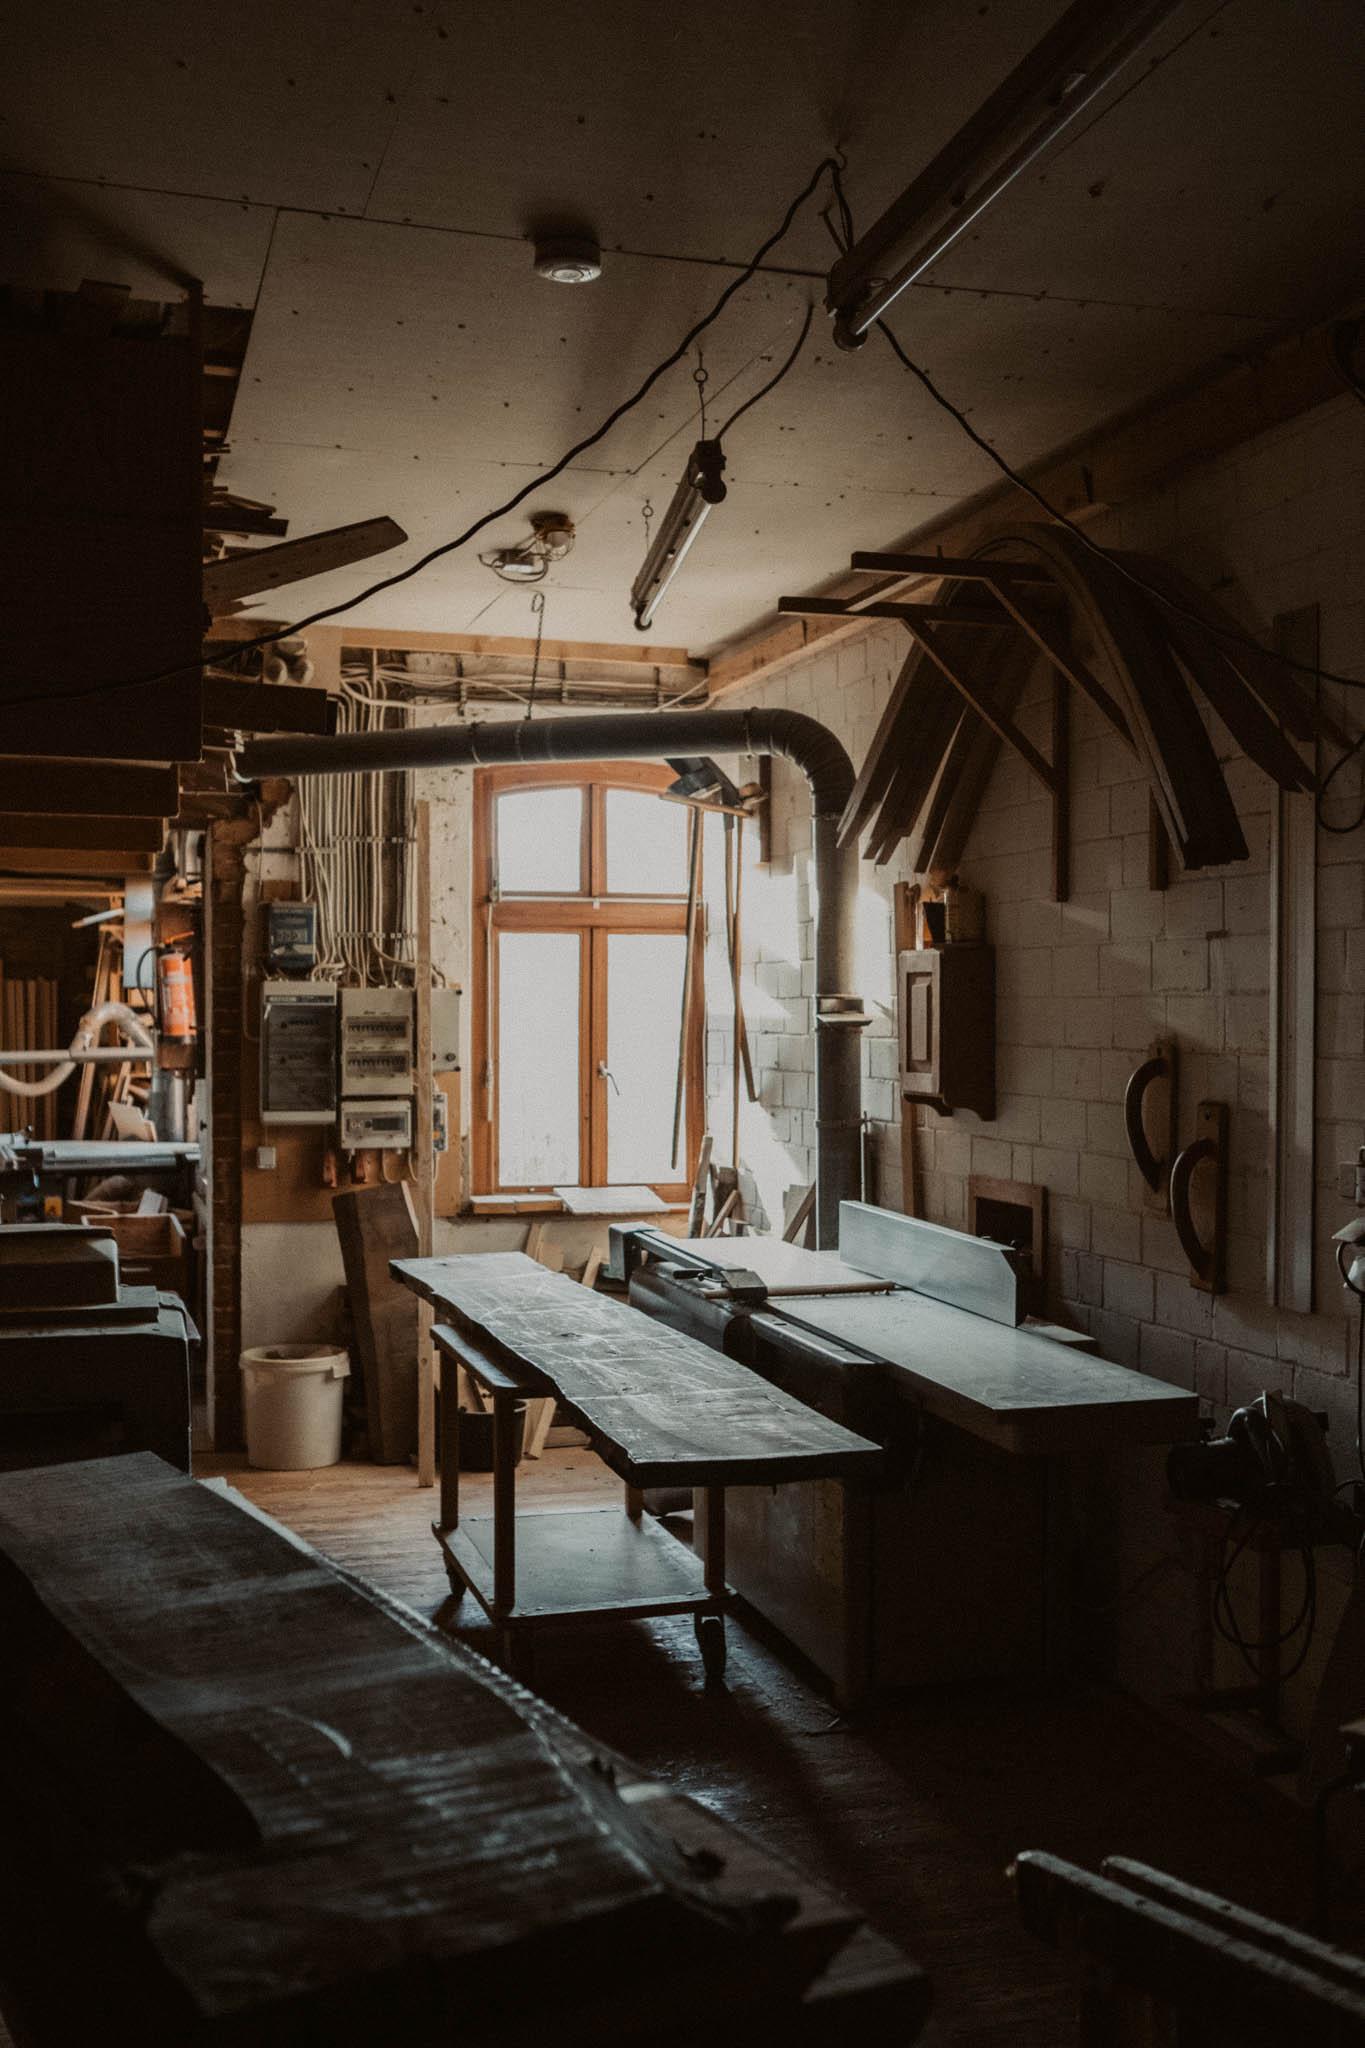 Tischlerei HolzWerk - feine moebel - Werkstatt Innenansicht Maschinen